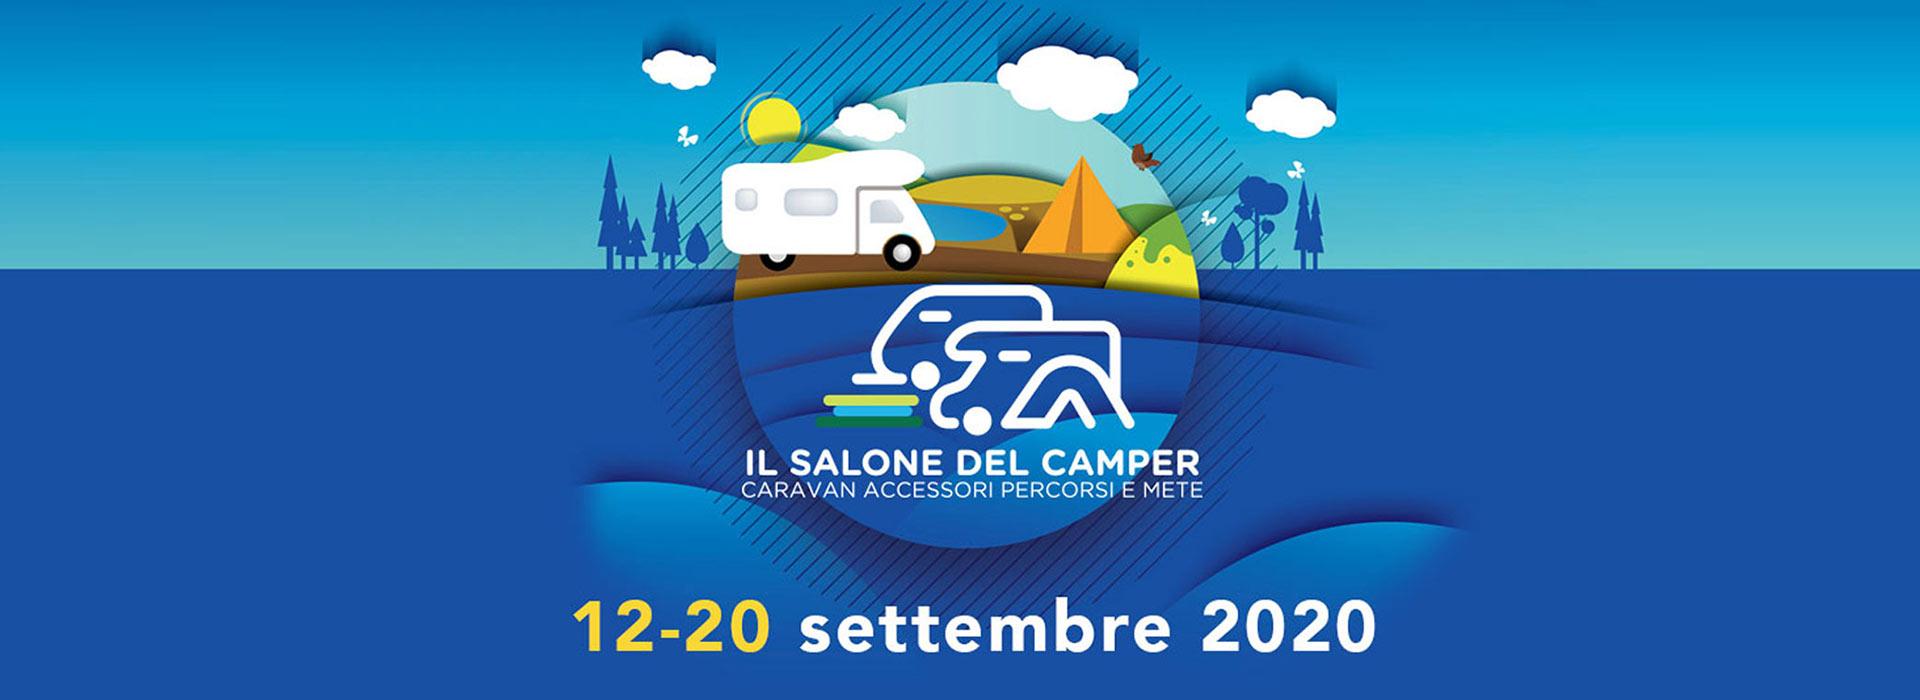 Il Salone del Camper 2020